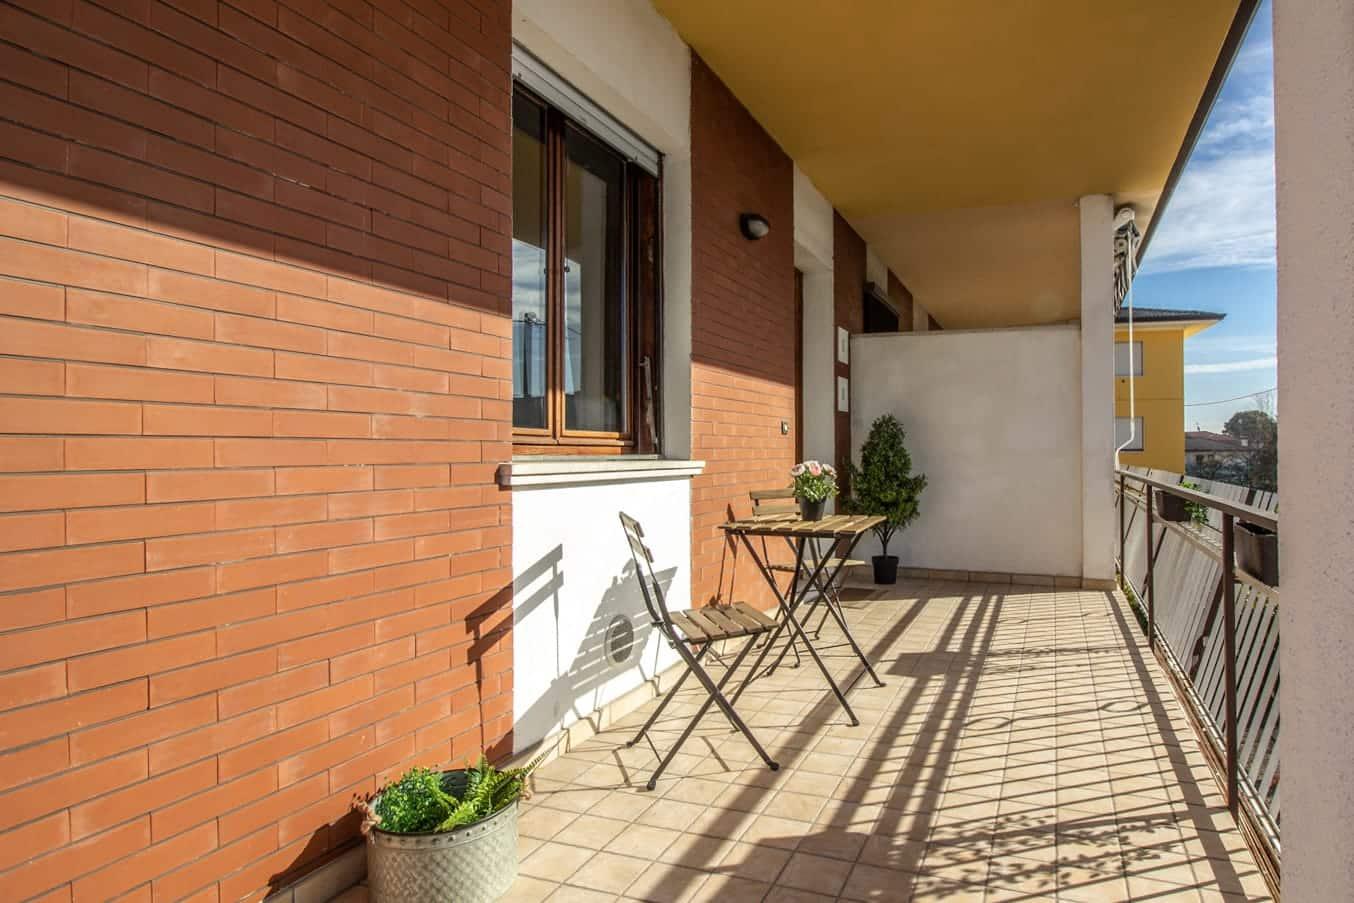 Via-Ceolini-Porcia (1 of 8)